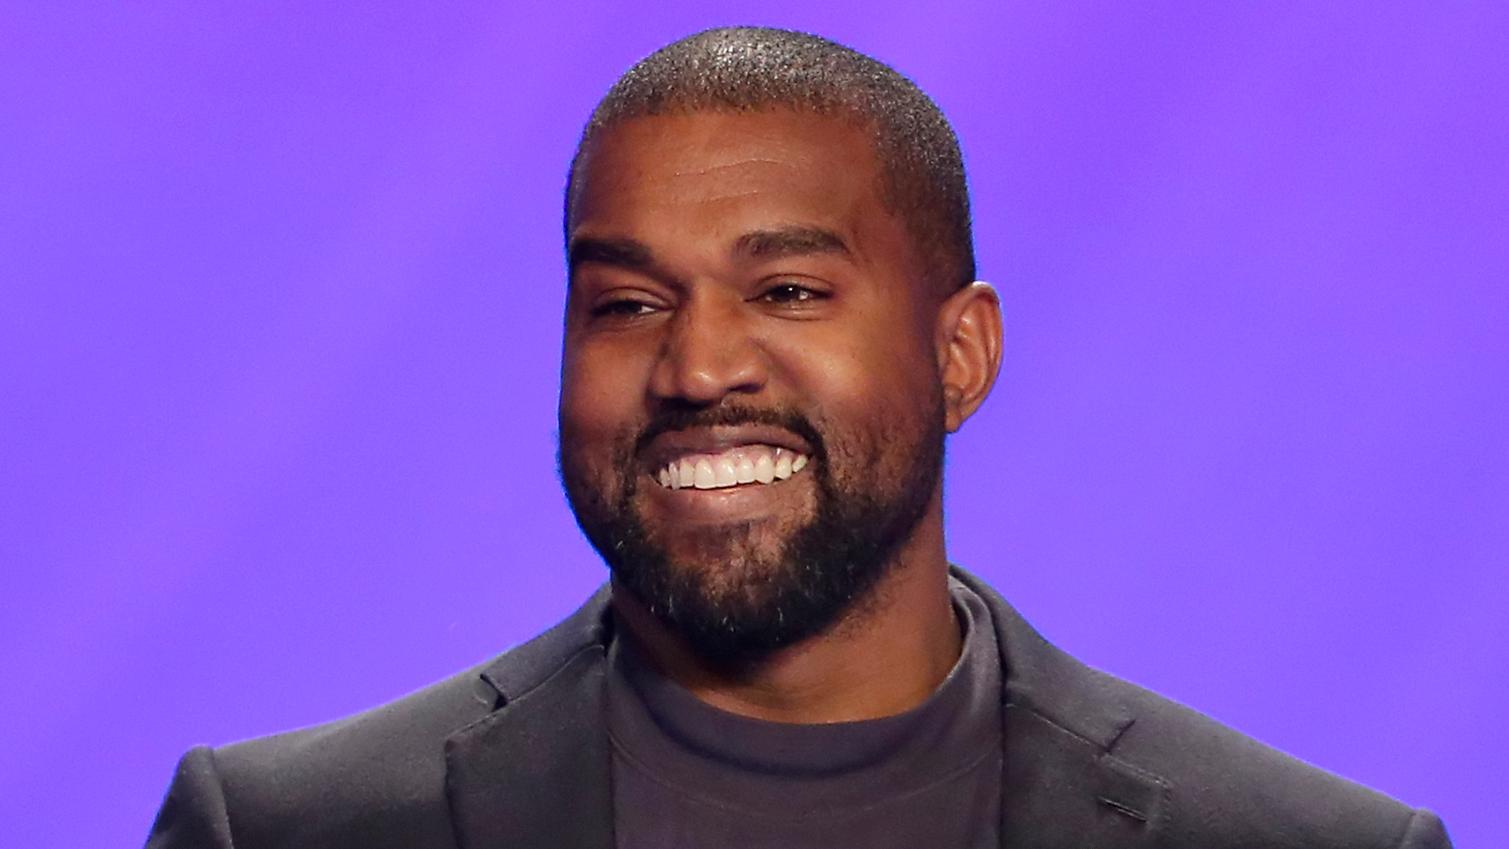 Kanye West, ABD tarihindeki en zengin siyah adam oldu - Londra Gazete